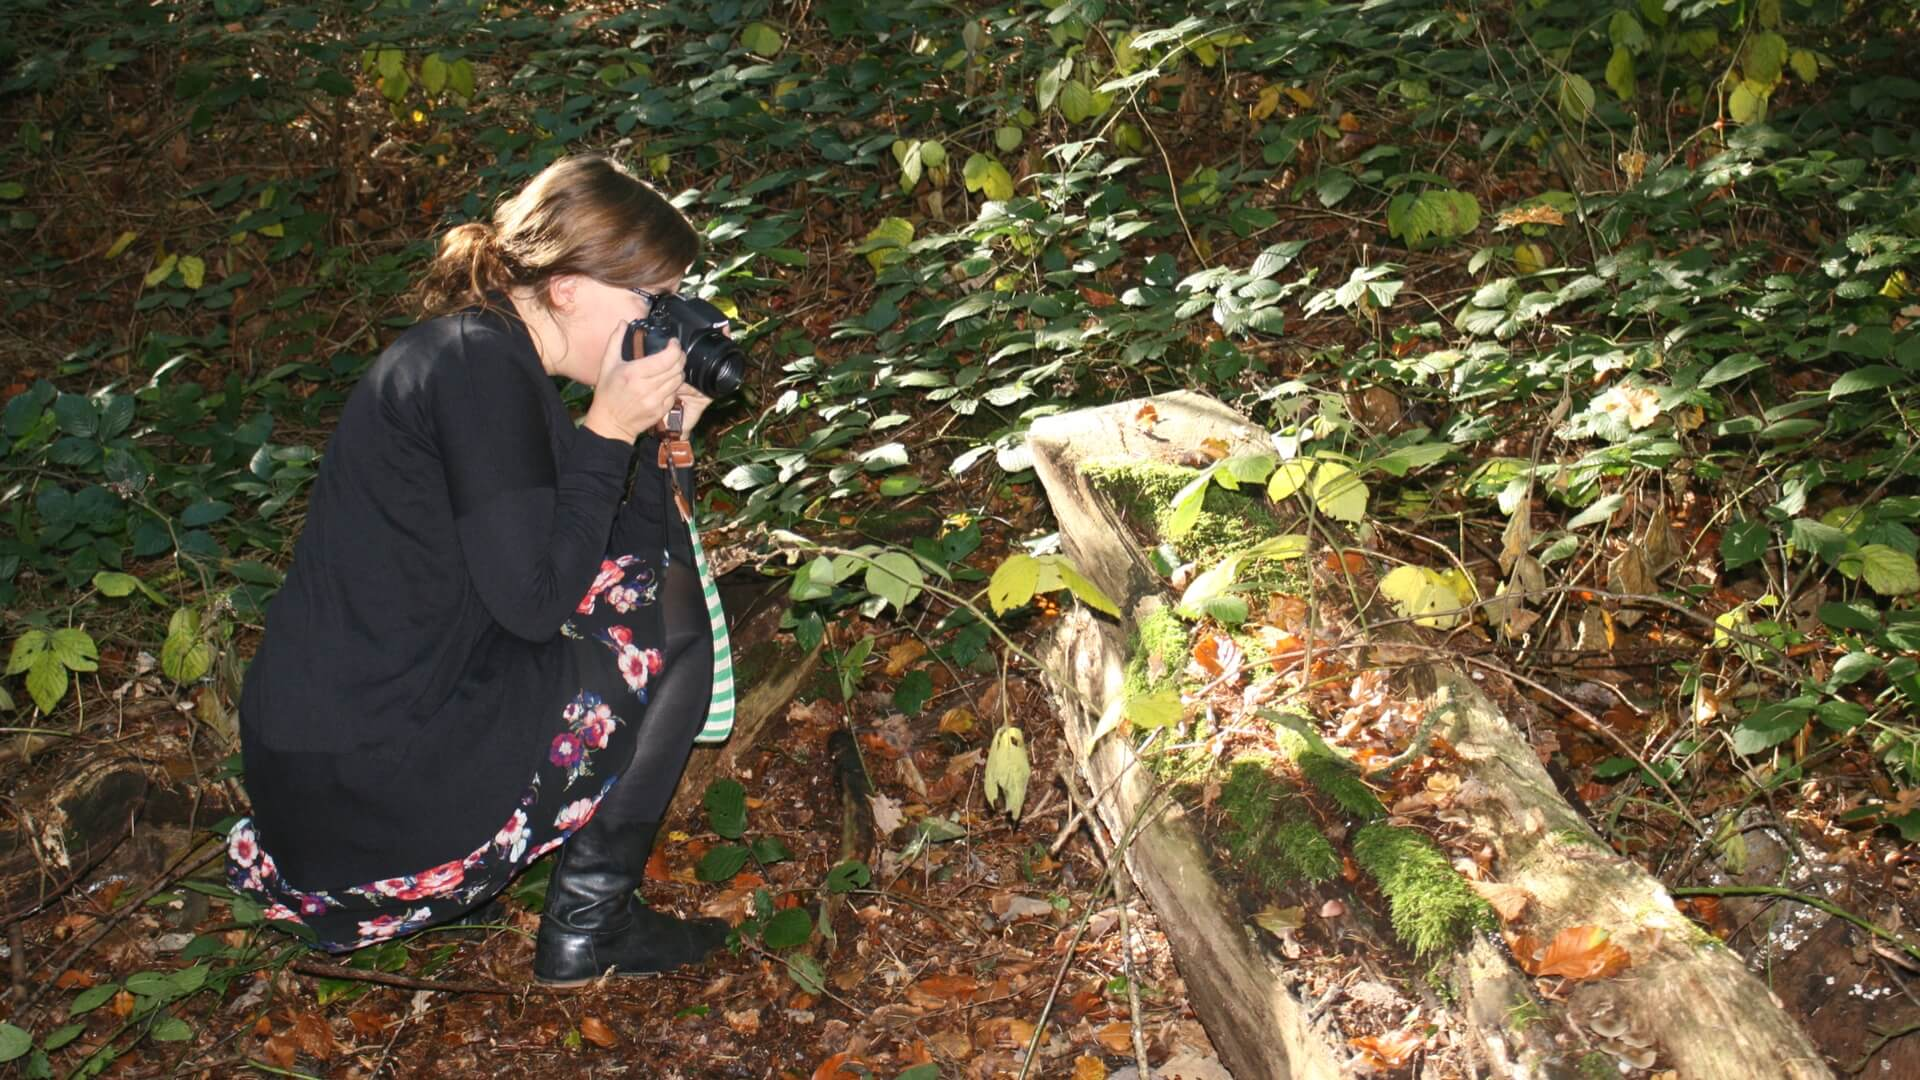 Lijn 10, Marjolijn Fotografie zuidhorn, fotograaf zuidhorn, fotografie, Marjolein